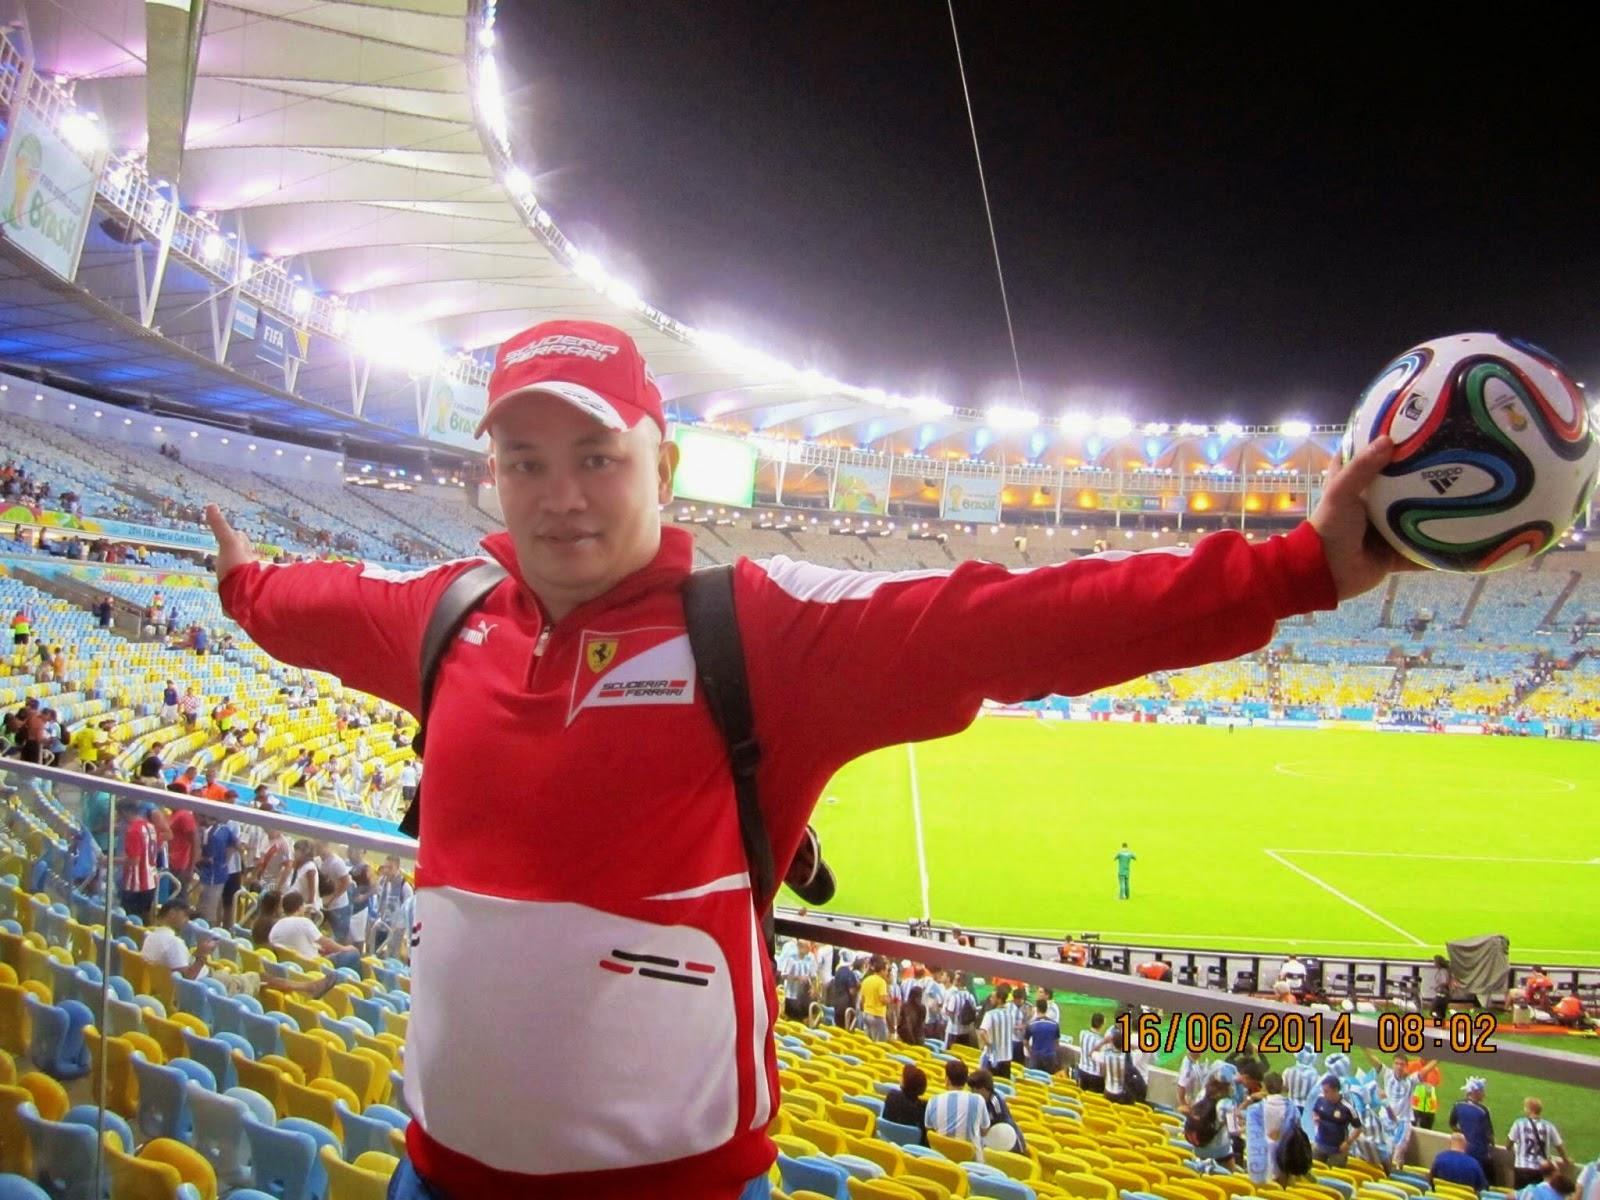 Fifa Brasil 2014 World Cup